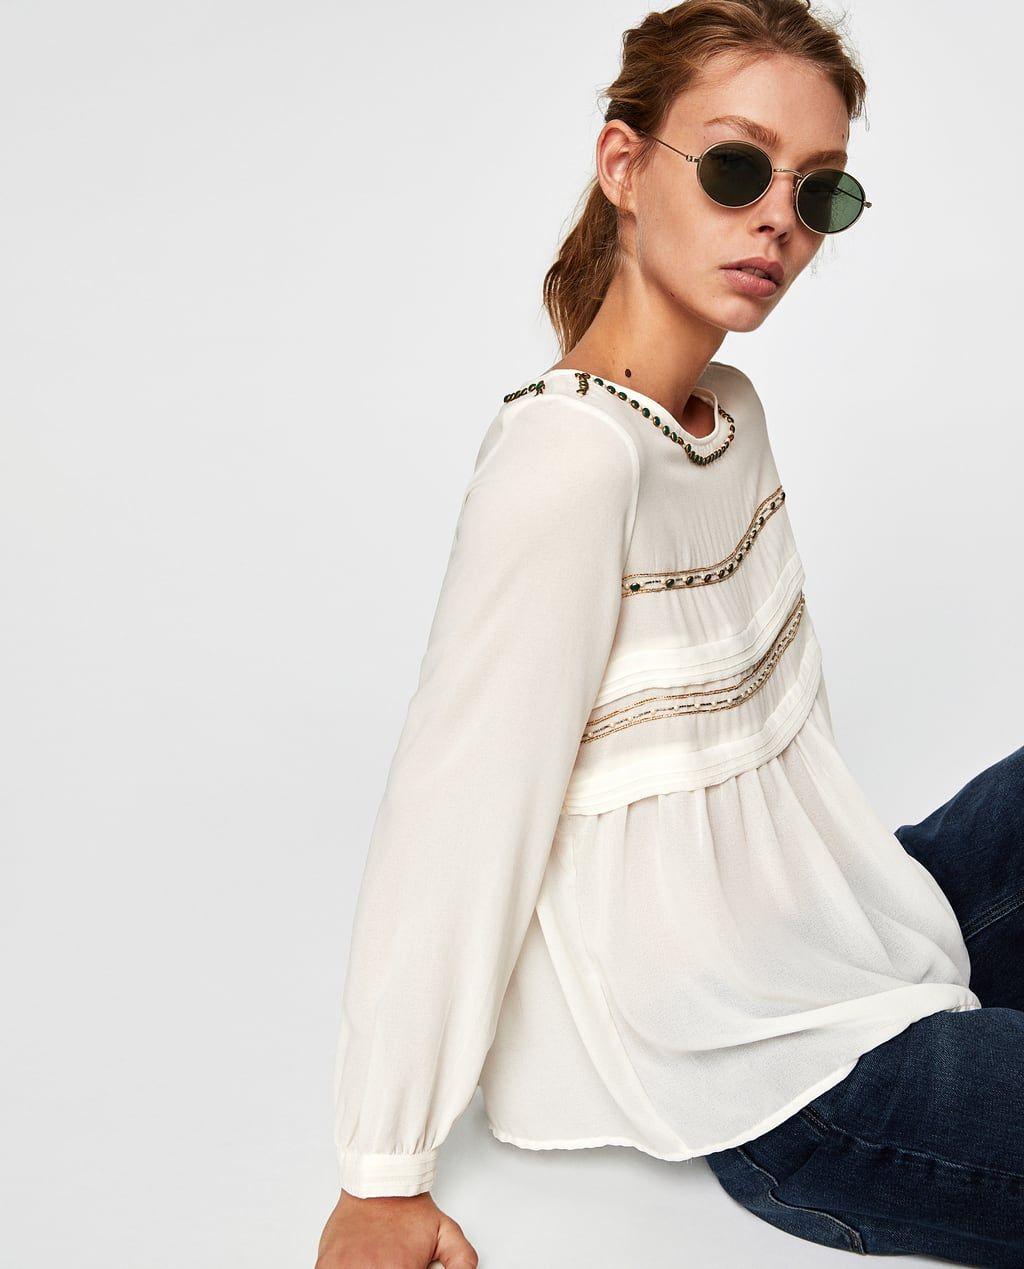 Épinglé sur Couture : défis